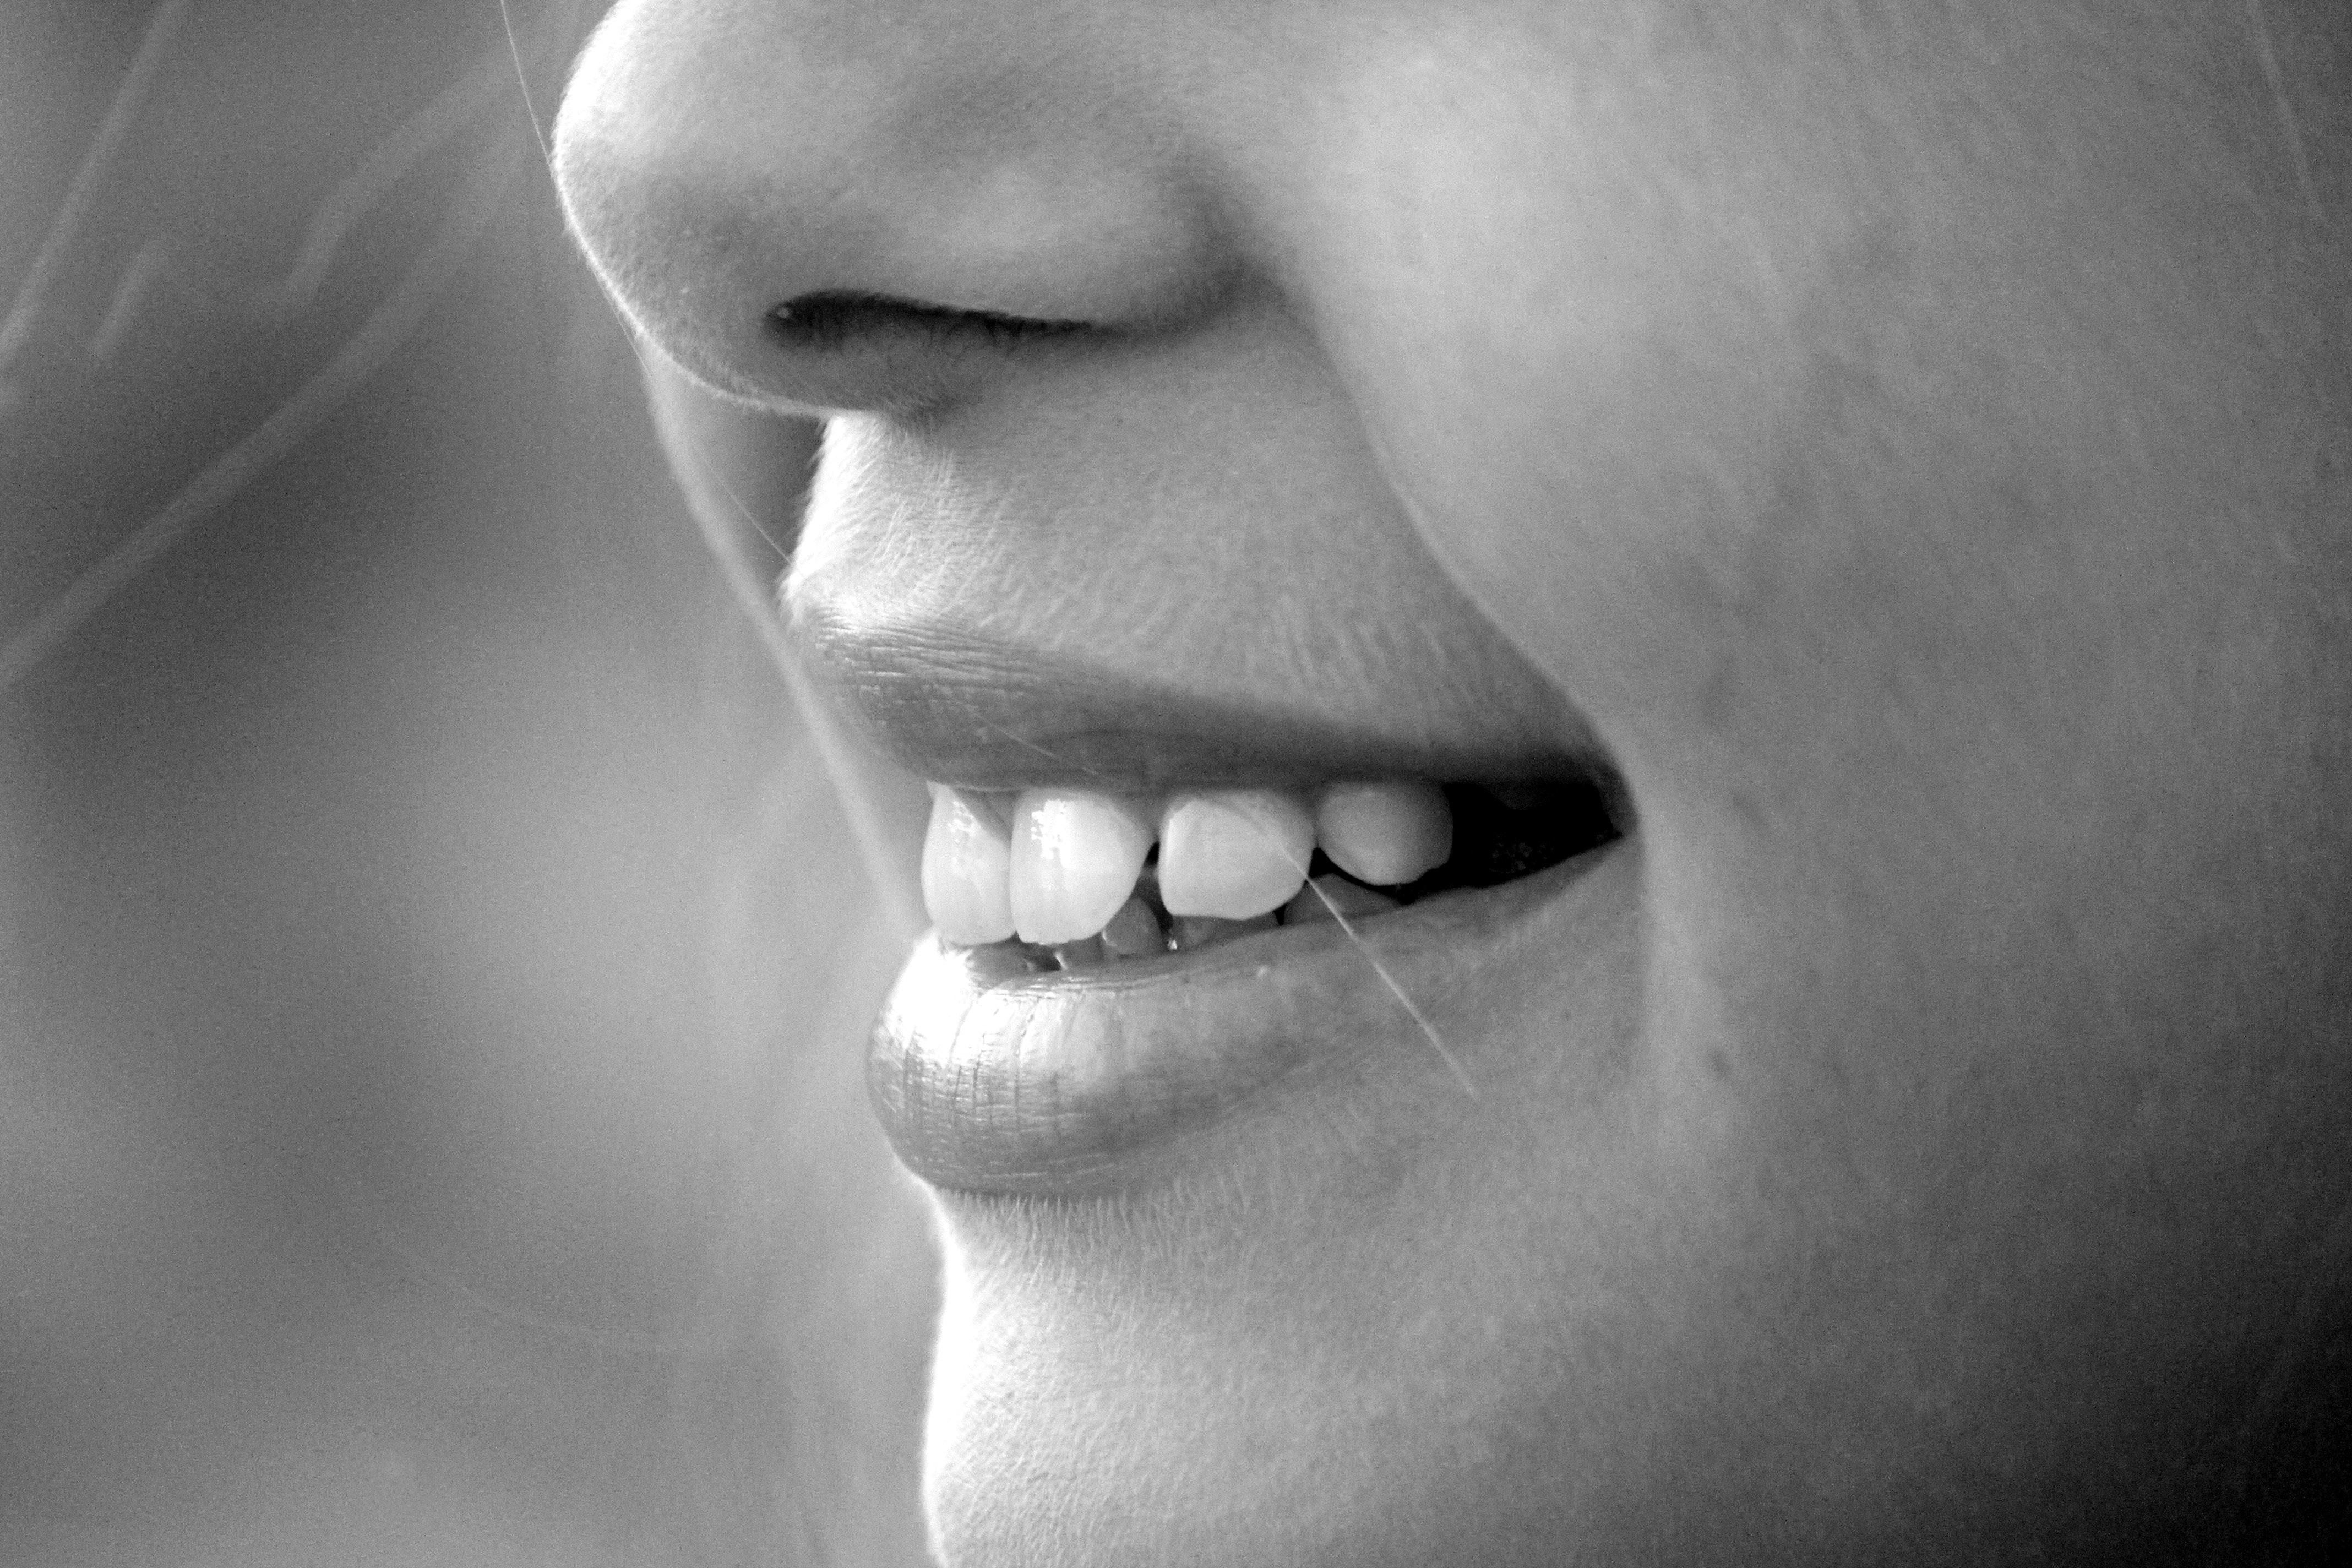 Tandenknarsen (bruxisme); welke behandelingen zijn er?